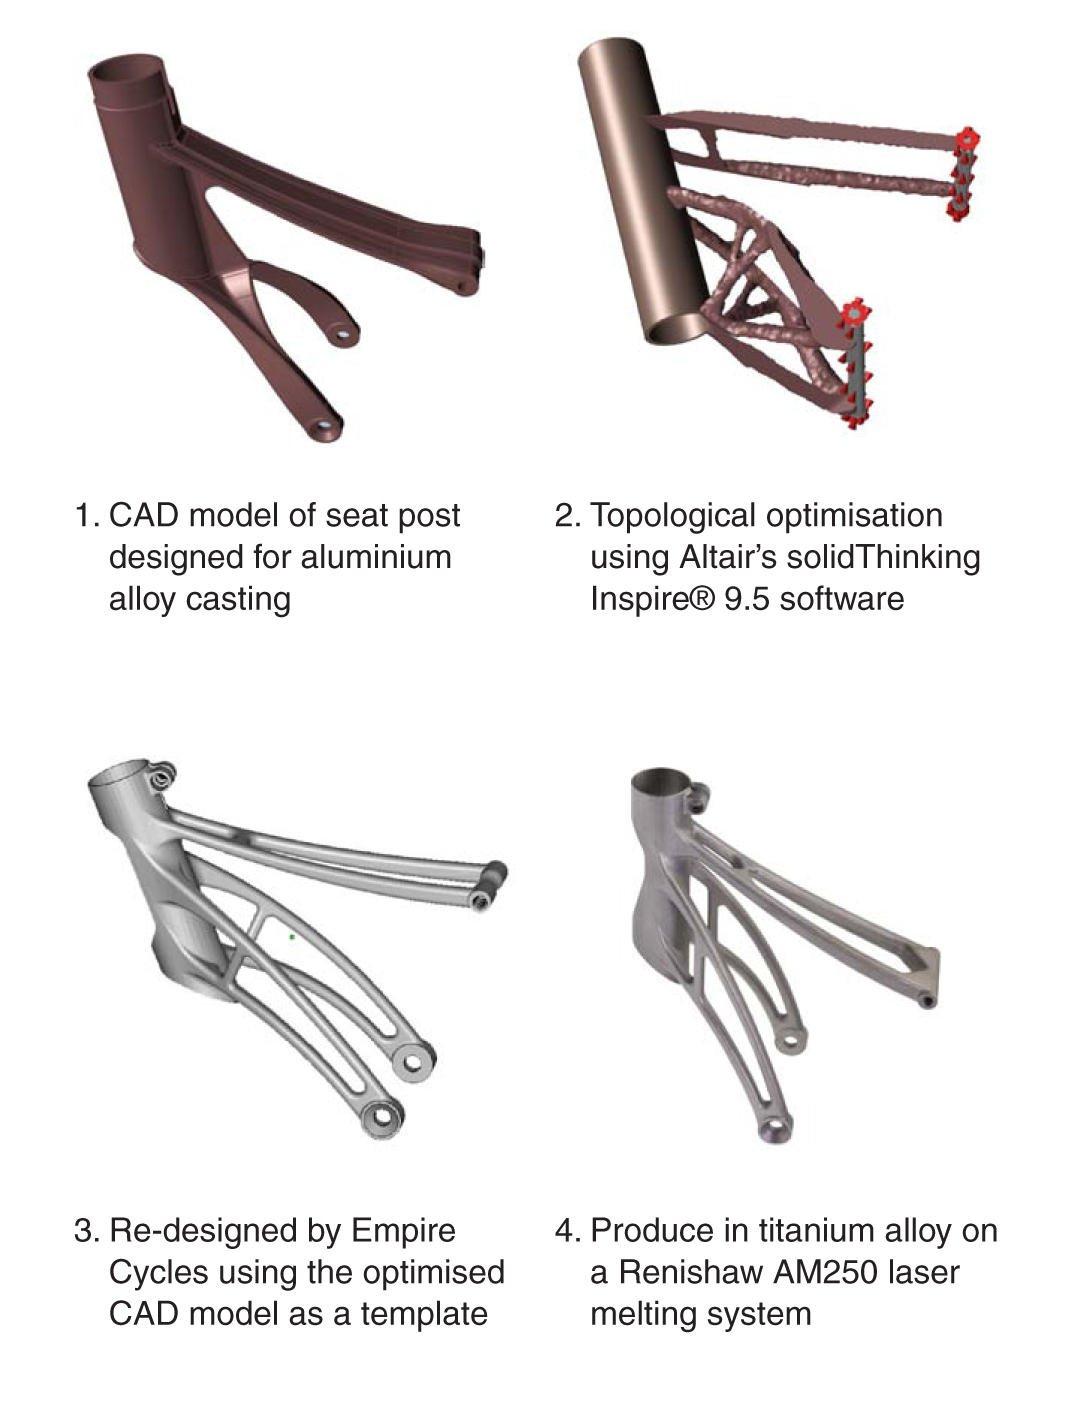 Entwicklung der Sattelstütze vom CAD-Modell bis zur endgültigen Form.